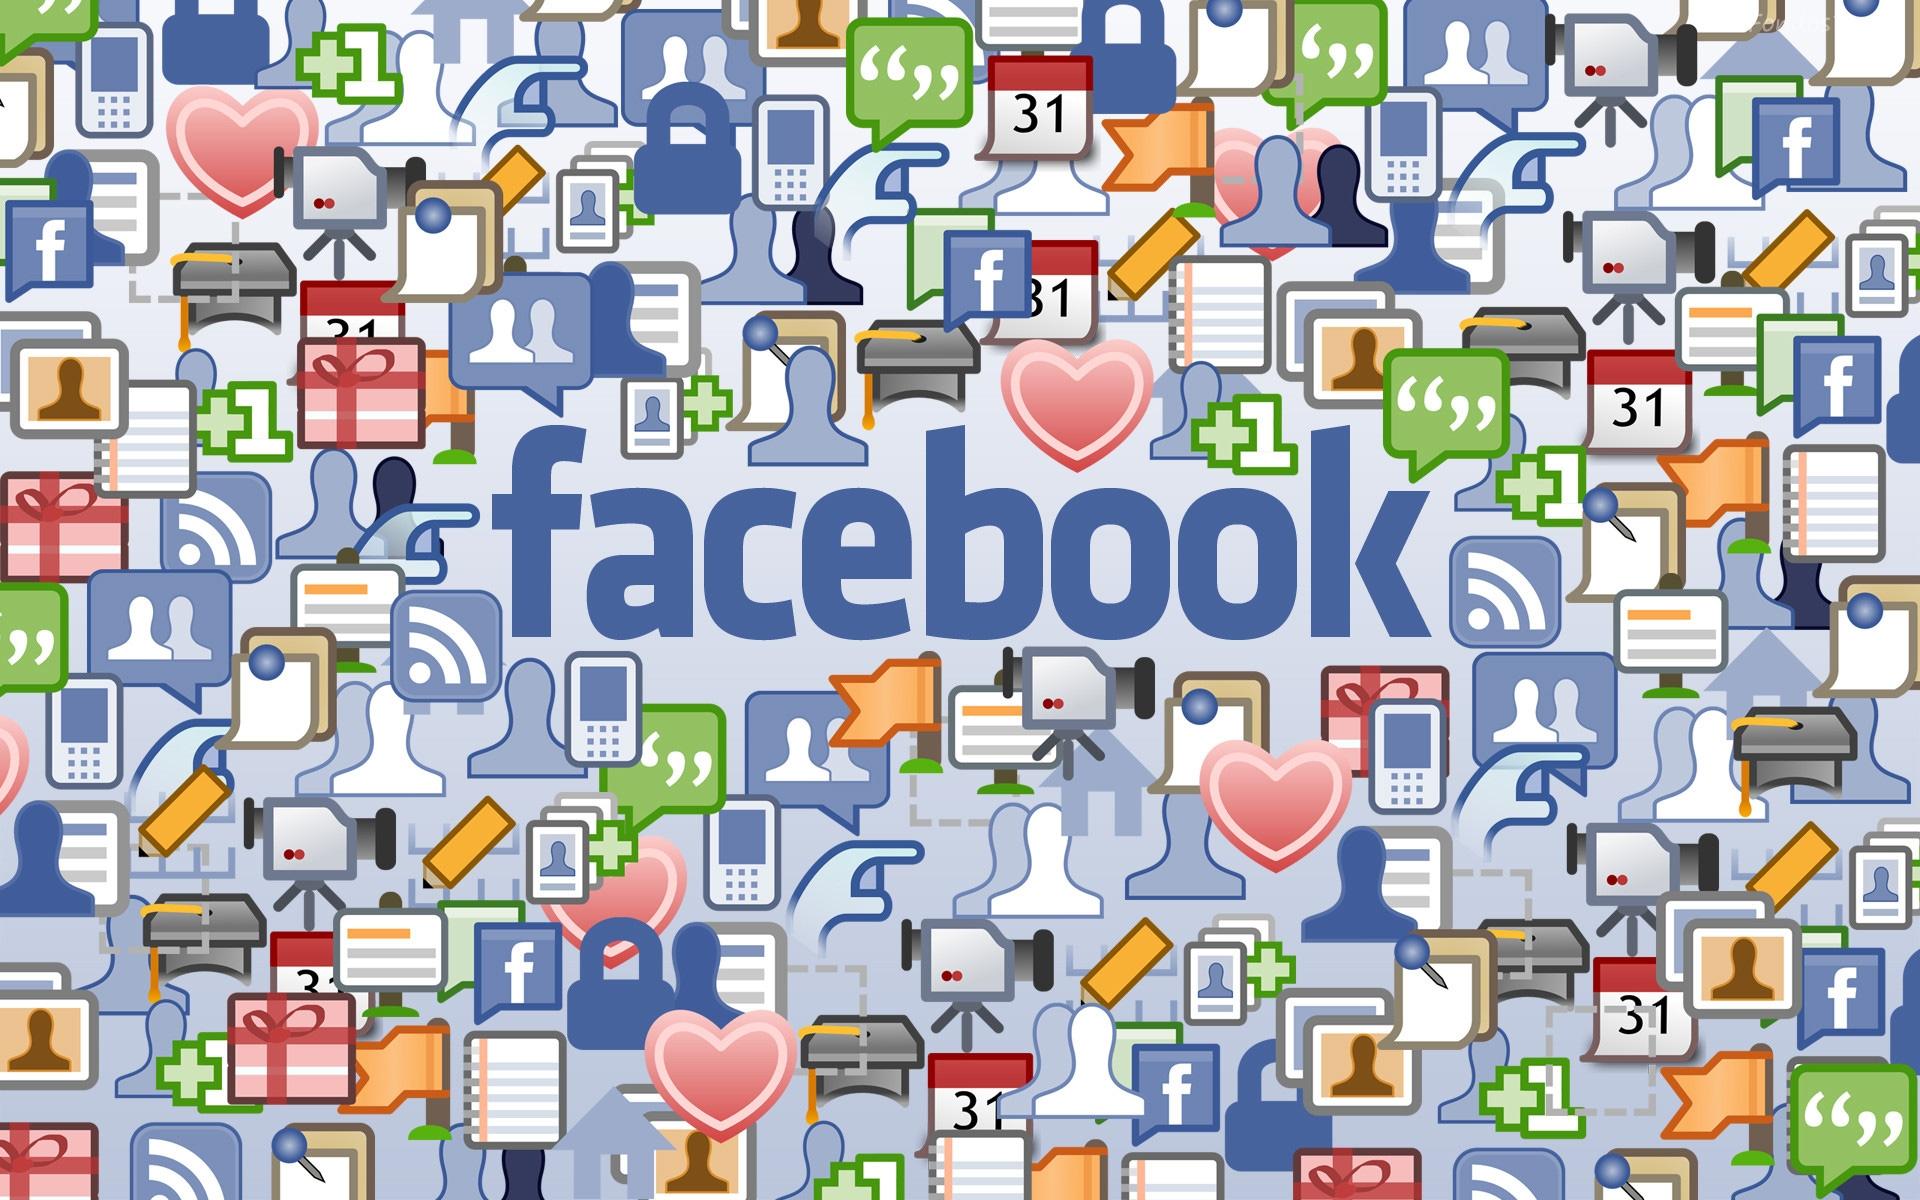 Пользователи Facebook смогут редактировать публичные посты